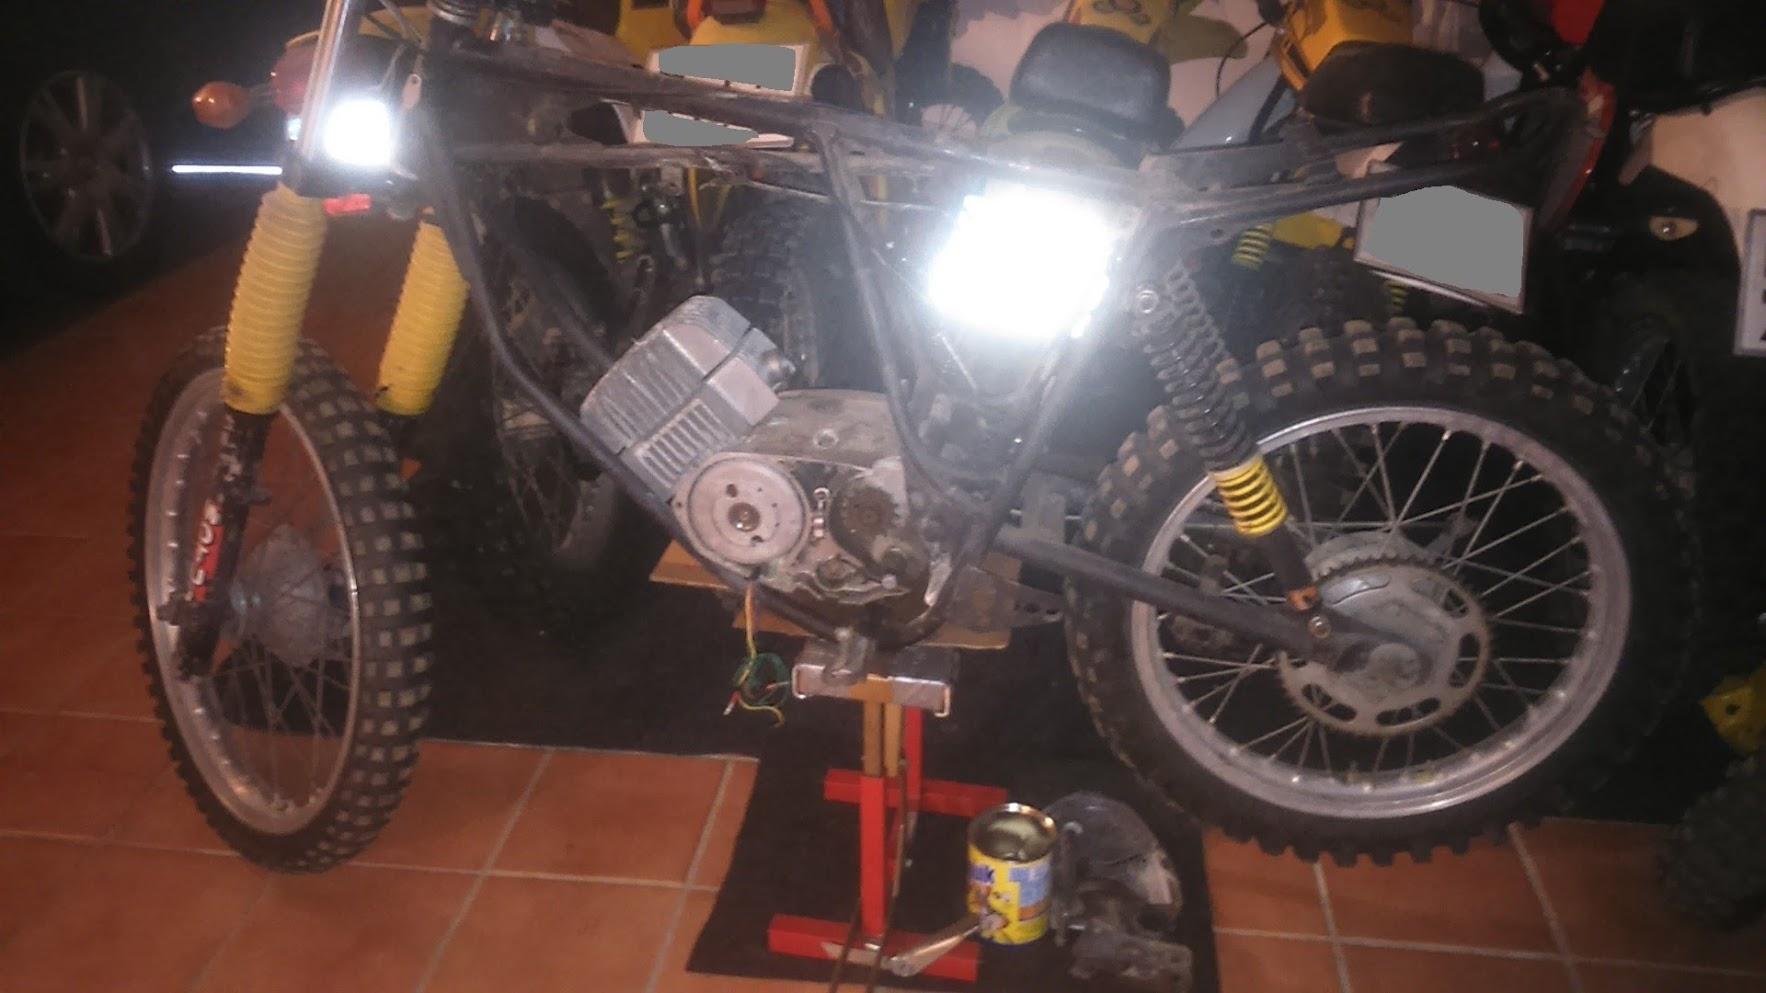 Puch Cobra MC 75 Cross NLFAmBjR3aND5acNMLrQwCQrl06HQcEz-HQhkSRcfBs=w1766-h993-no